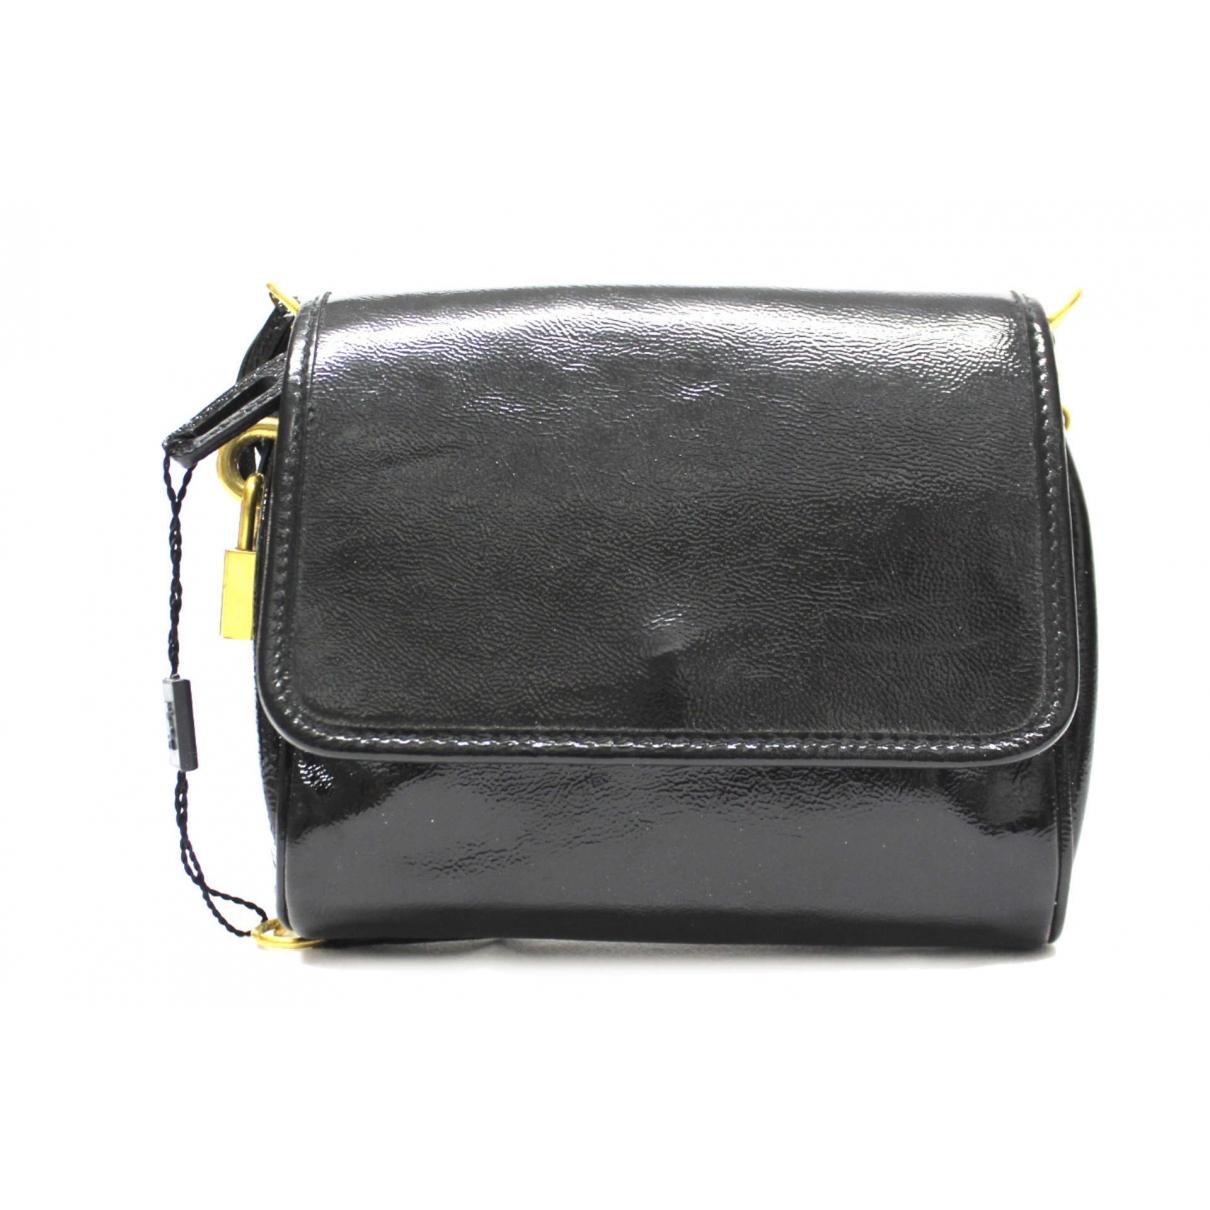 Yves Saint Laurent \N Black Patent leather handbag for Women \N